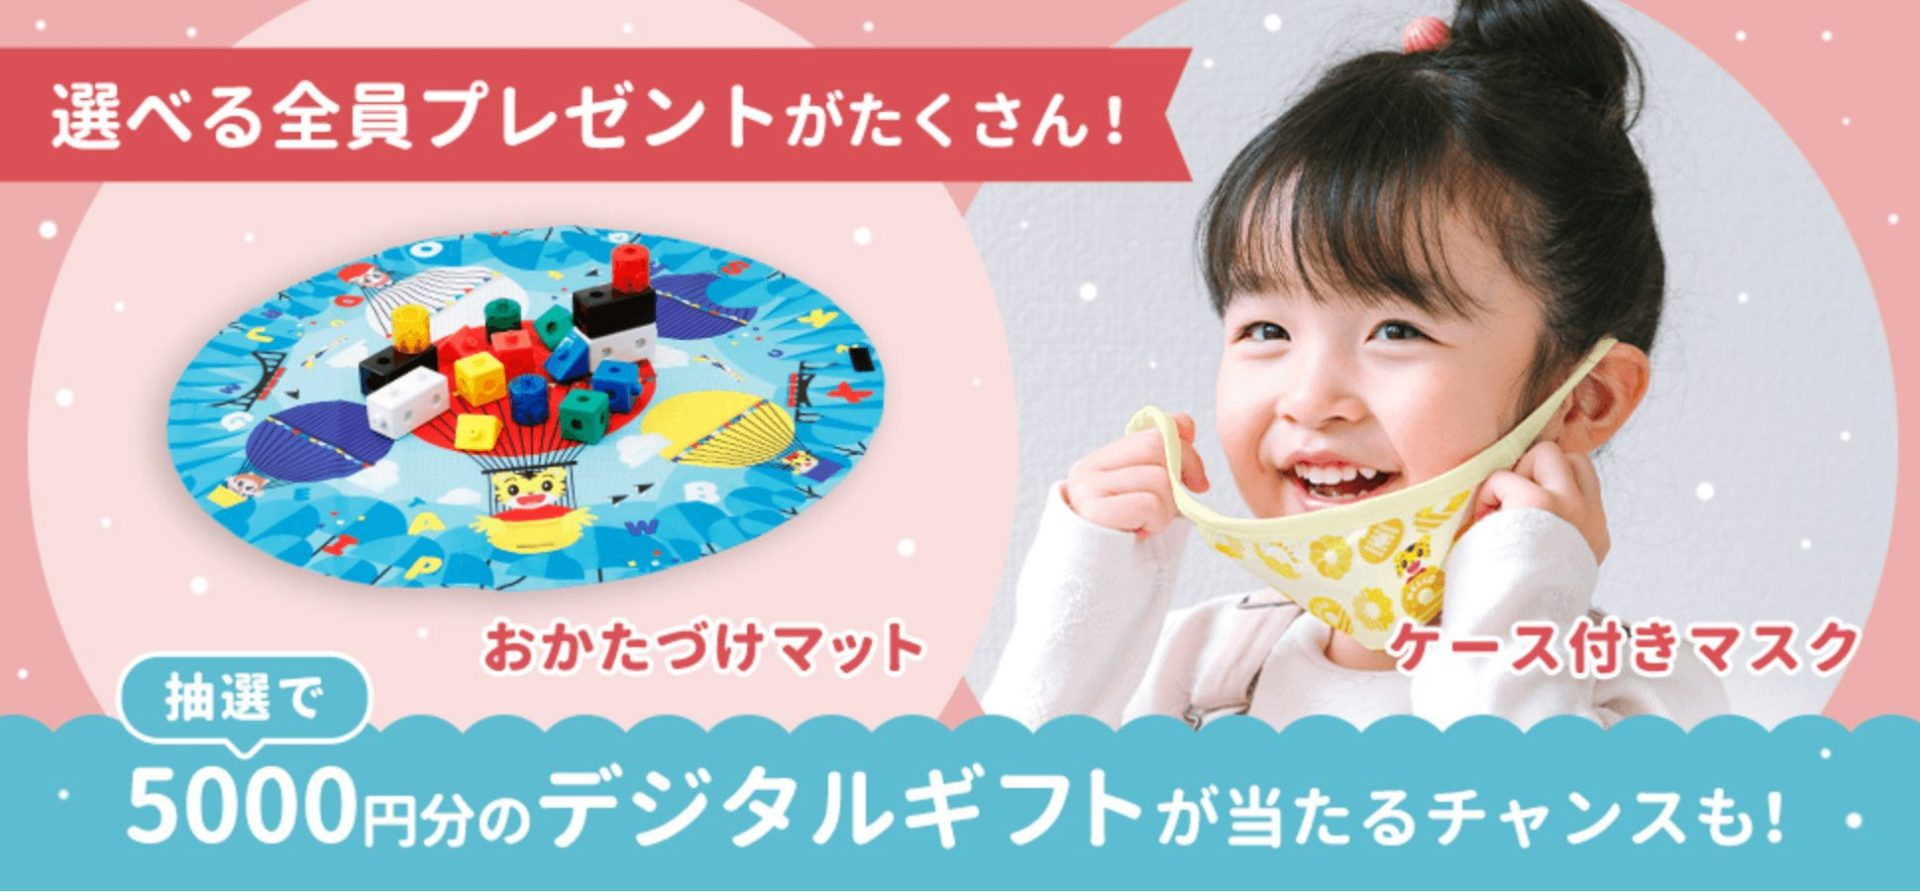 こどもちゃれんじ 友人紹介制度 通信教育 幼児教育 家庭教育 キャンペーン 2020年冬